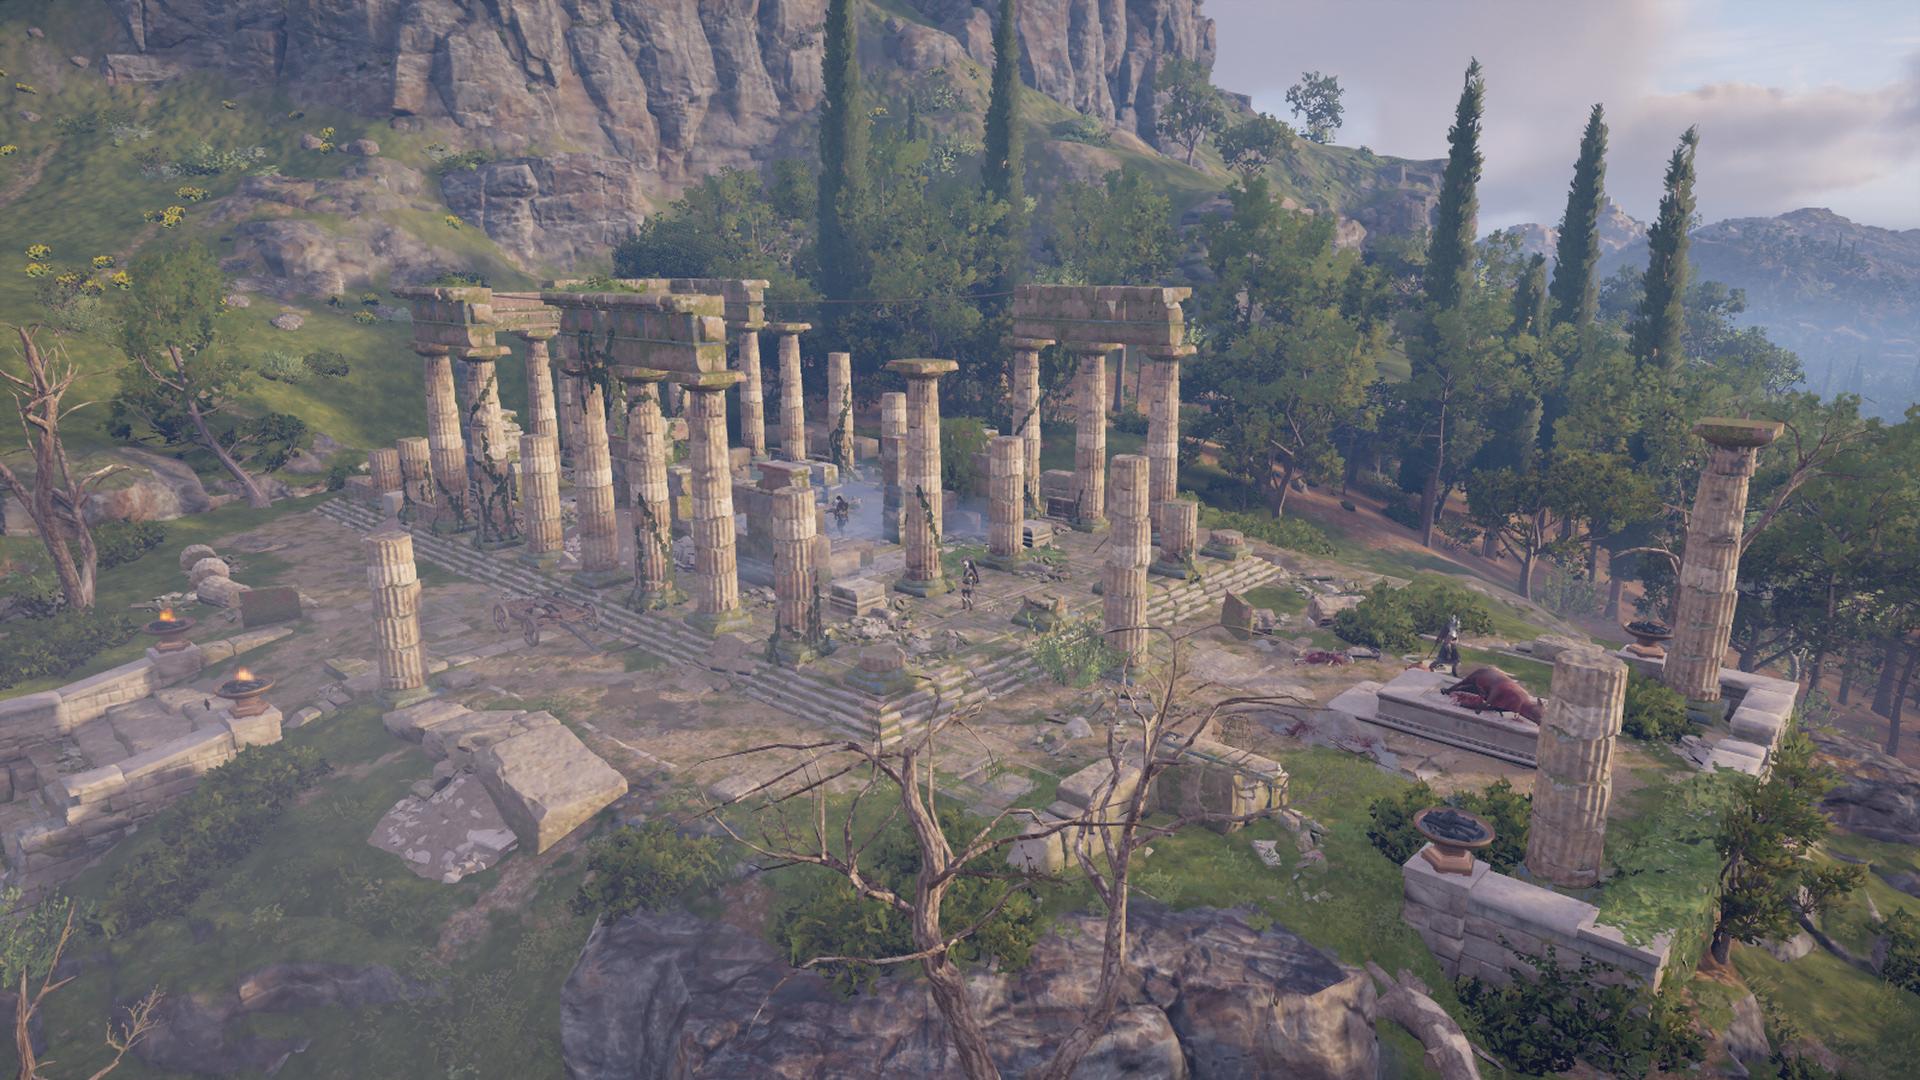 Kephisos' Sanctuary Ruins